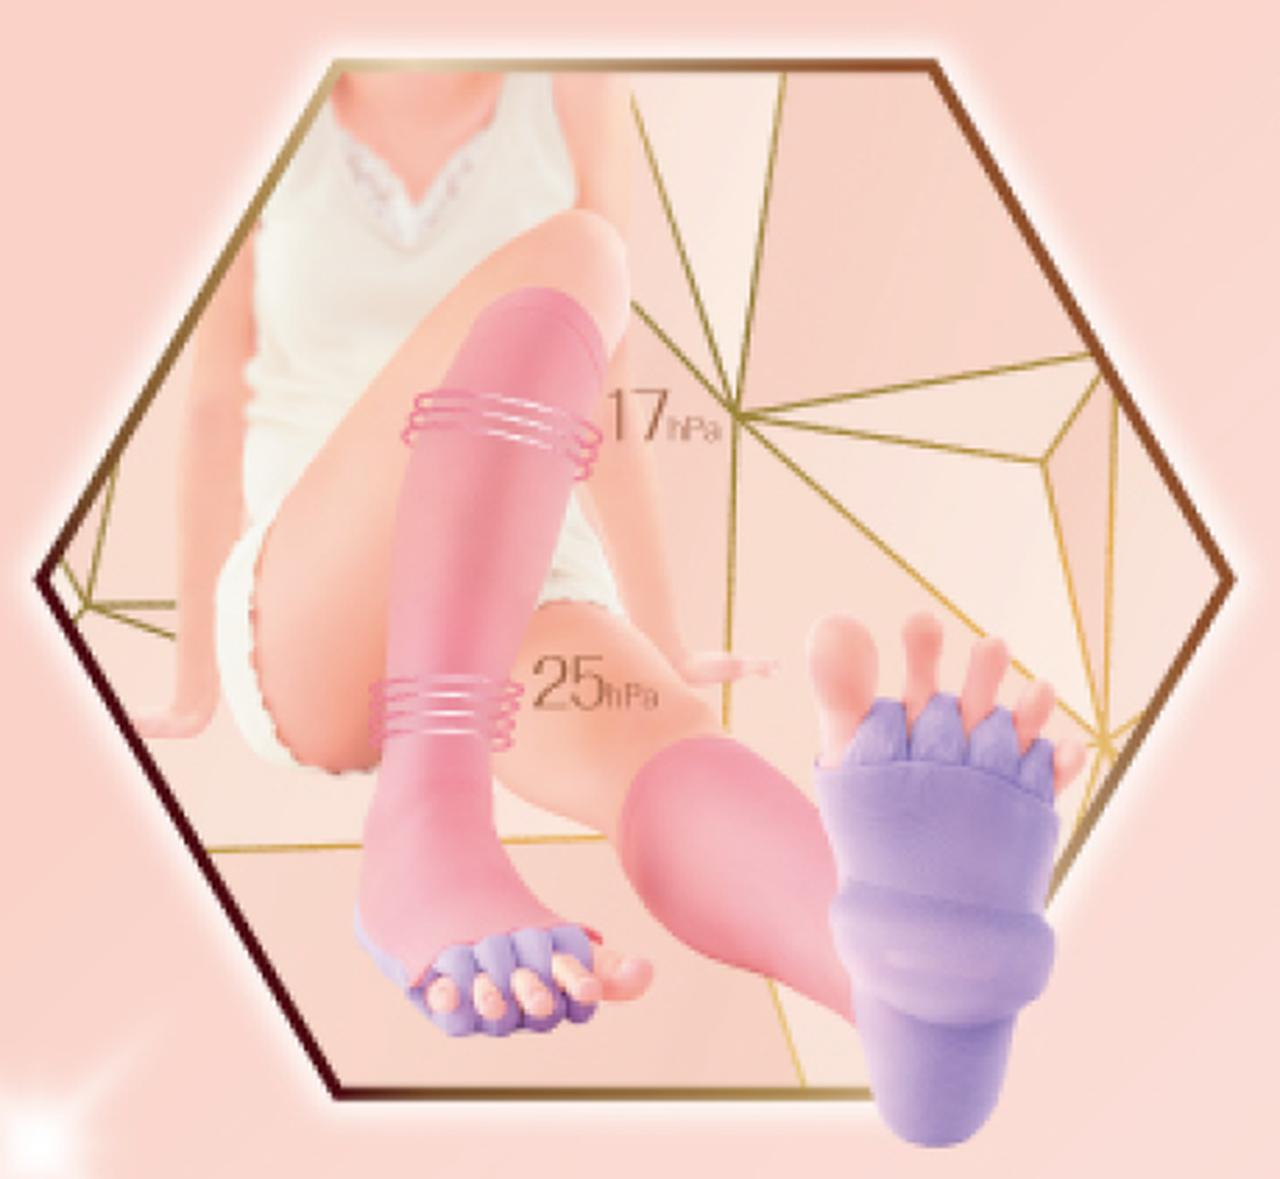 画像: ・足裏ビーズクッションで、足裏をグイグイ刺激 ・足指ビーズセパレーターで、足指をしっかり広げリフレッシュ ・高着圧設計(足首25hPa、ふくらはぎ17hPa)で、ふくらはぎをキュッとひきしめ ・はきごこちのよいふんわりパイル編み